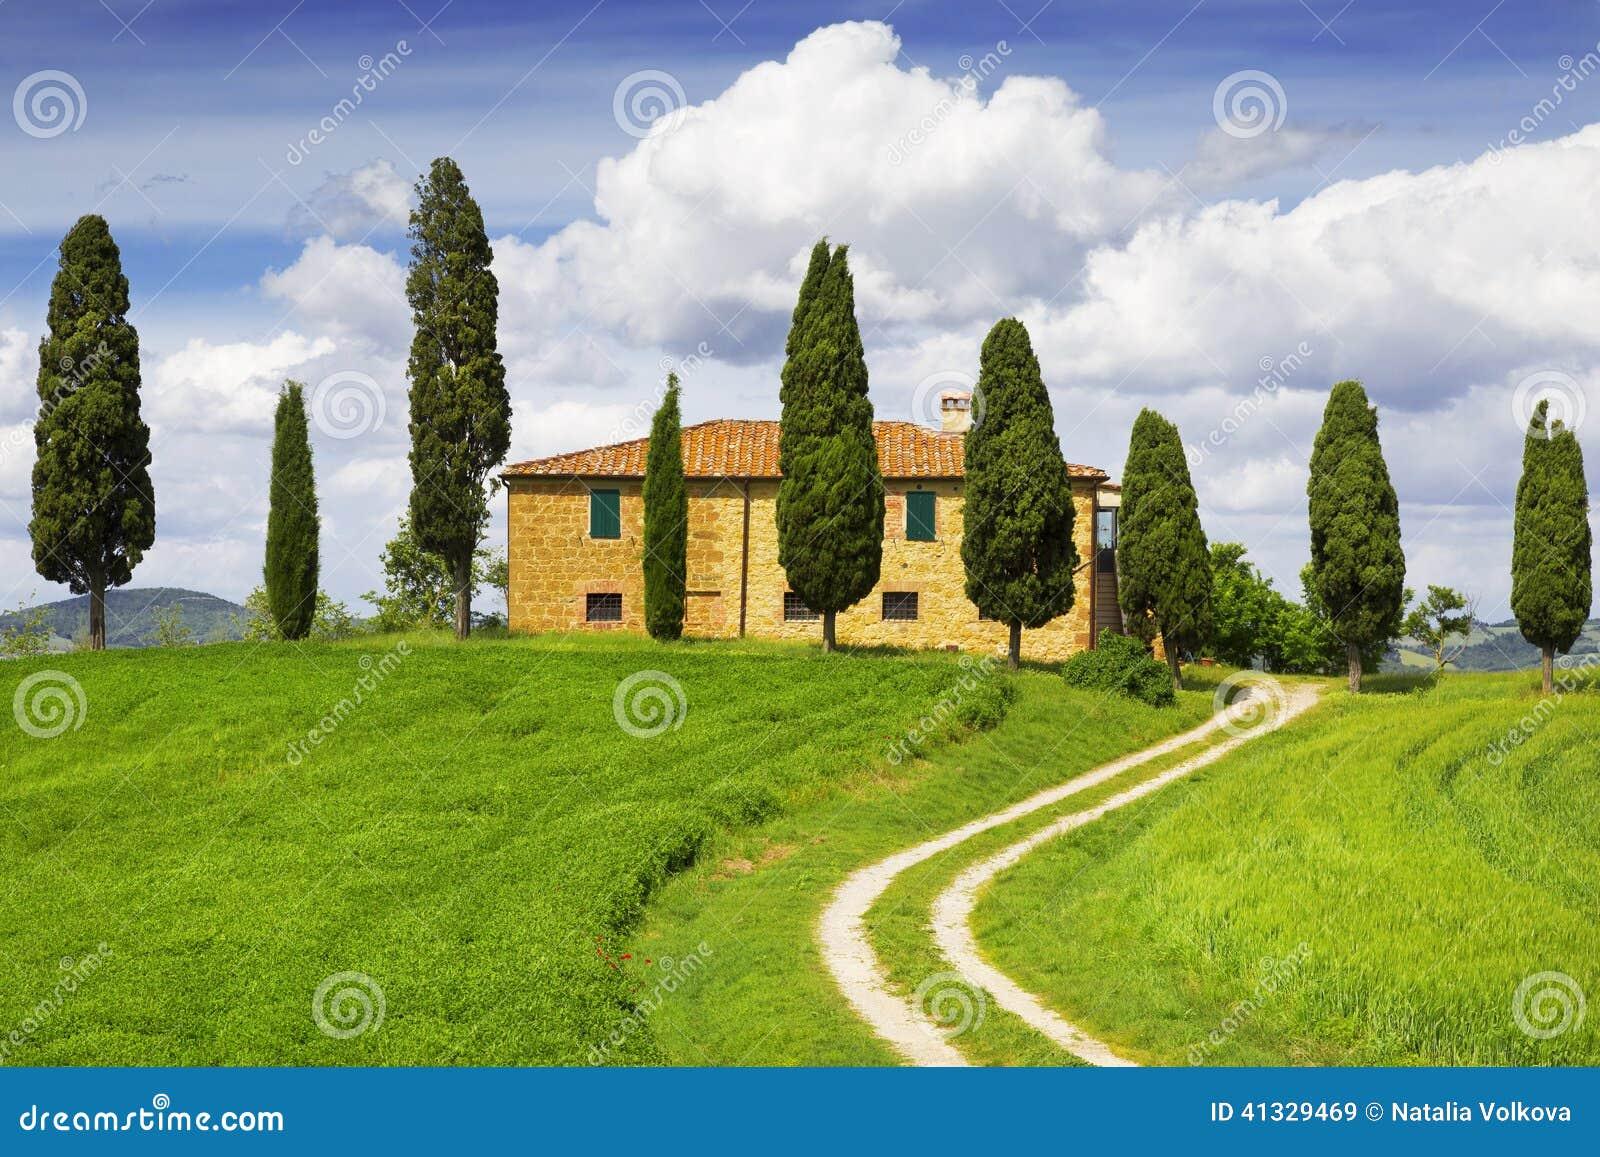 casa rural con los rboles de ciprs alrededor toscana italia